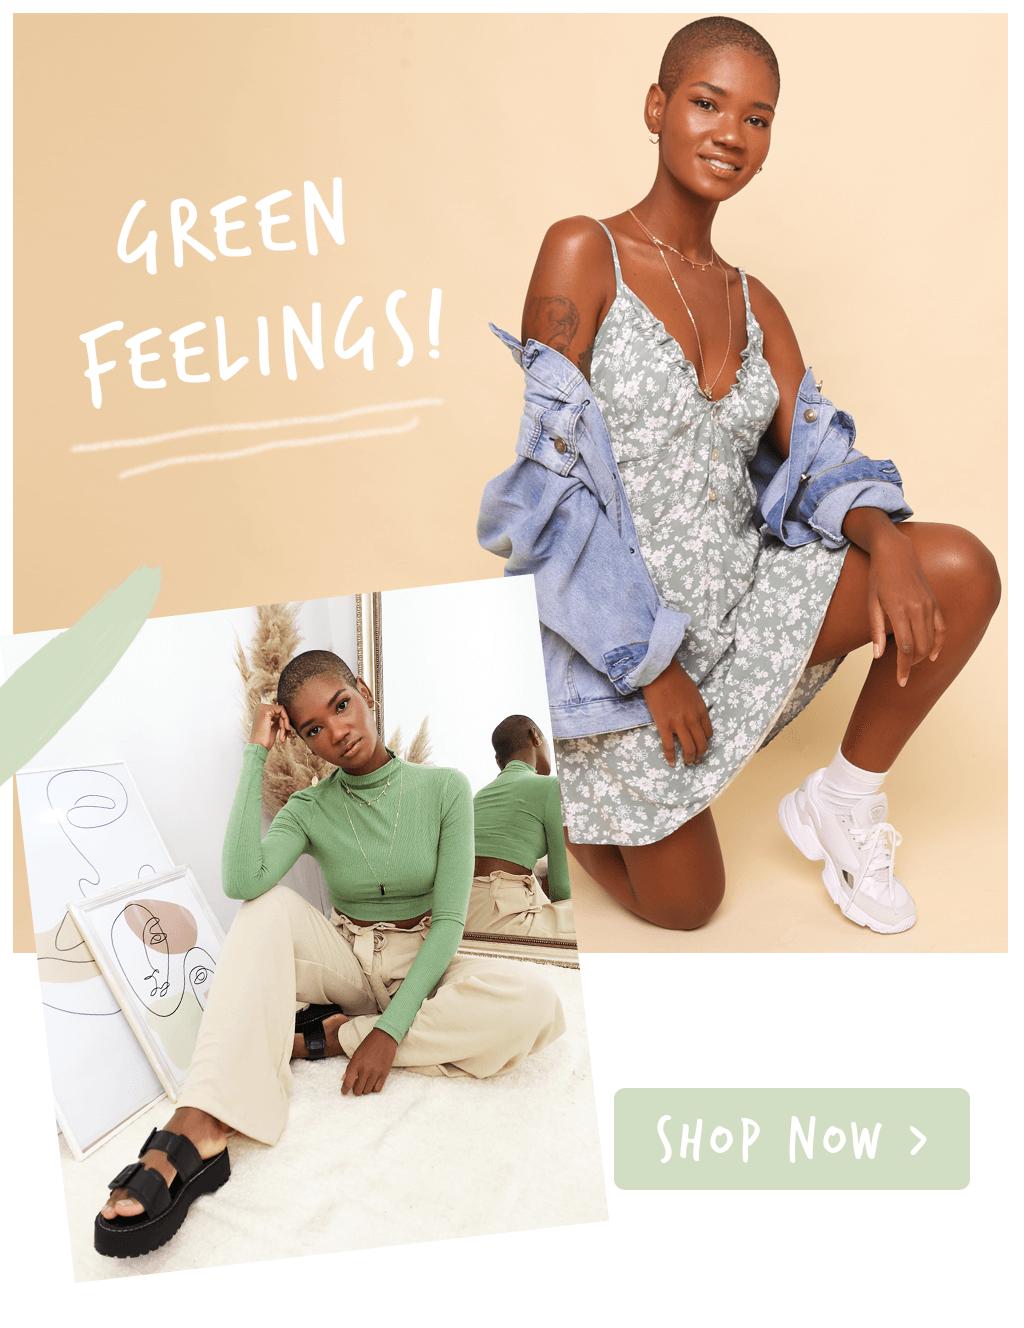 mobile peças verdes